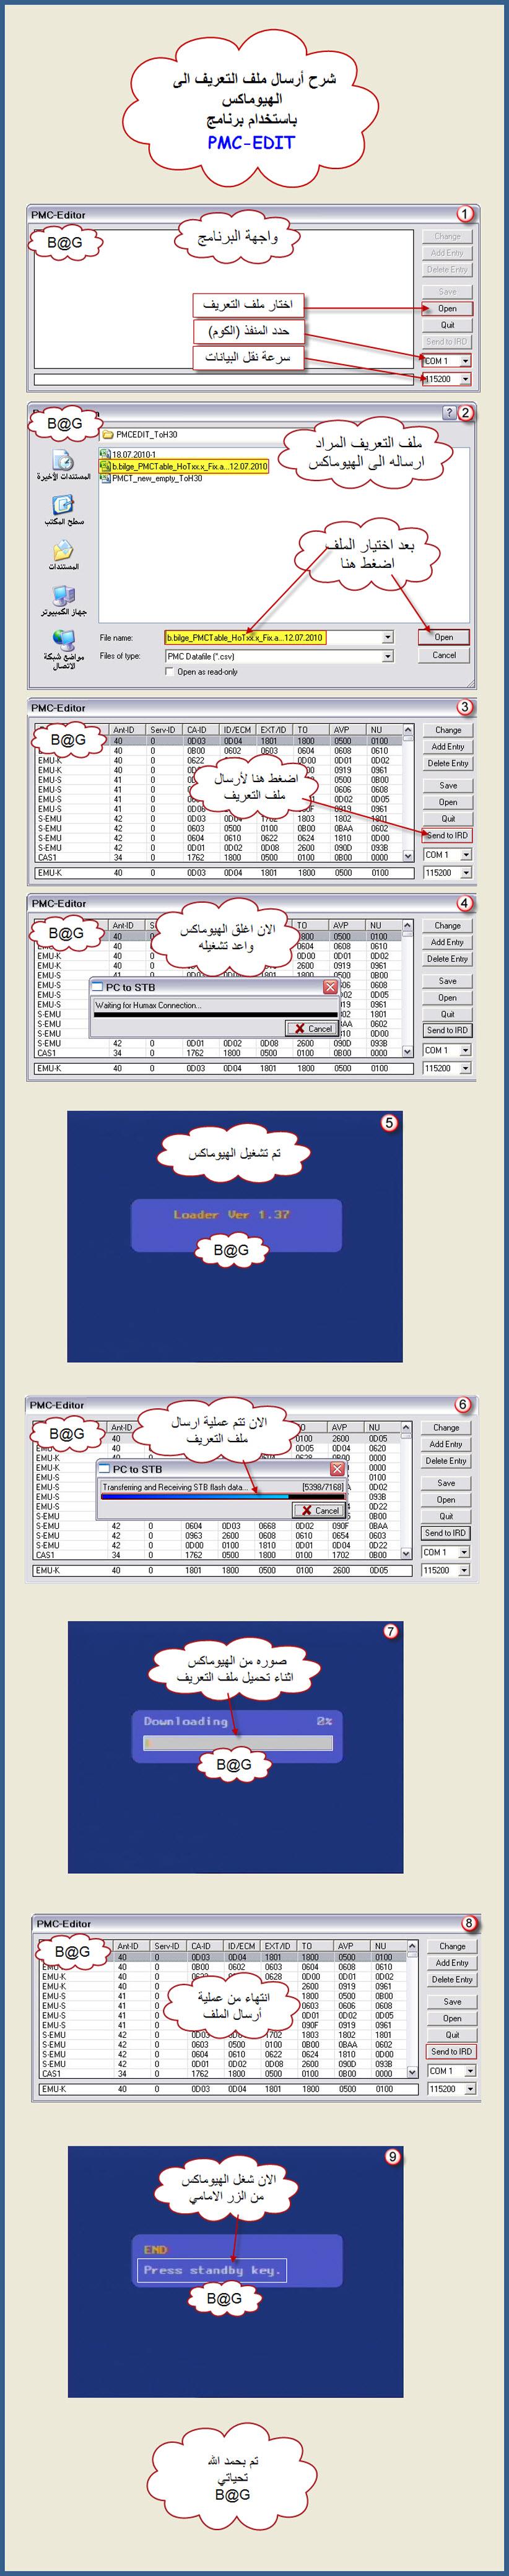 شرح أرسال ملف التعريف الى الهيوماكس بأستخدام برنامج PMCEDIT-ToH30